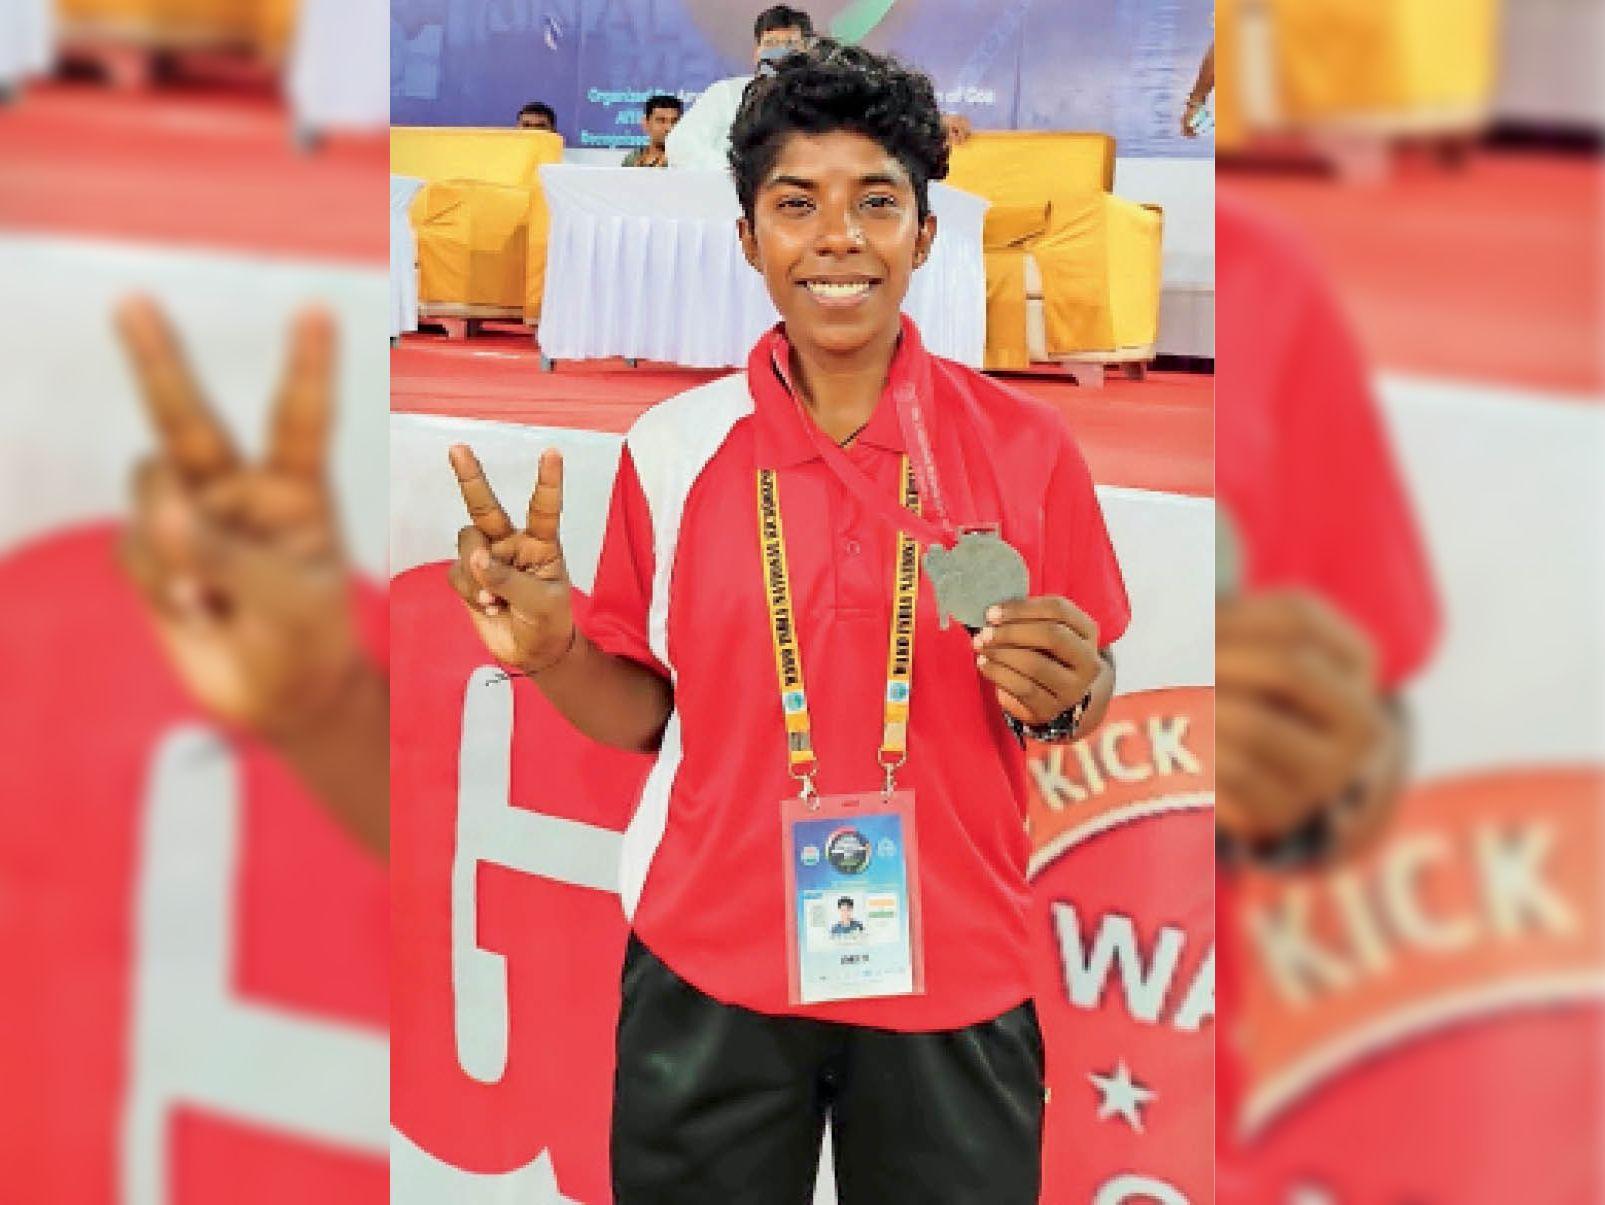 ऑनलाइन और सेेल्फ प्रेक्टिस की, श्रीगंगानगर की बेटी ने किक बॉक्सिंग प्रति. में महाराष्ट्र को हरा जीता सिल्वर श्रीगंंगानगर,Sriganganagar - Dainik Bhaskar